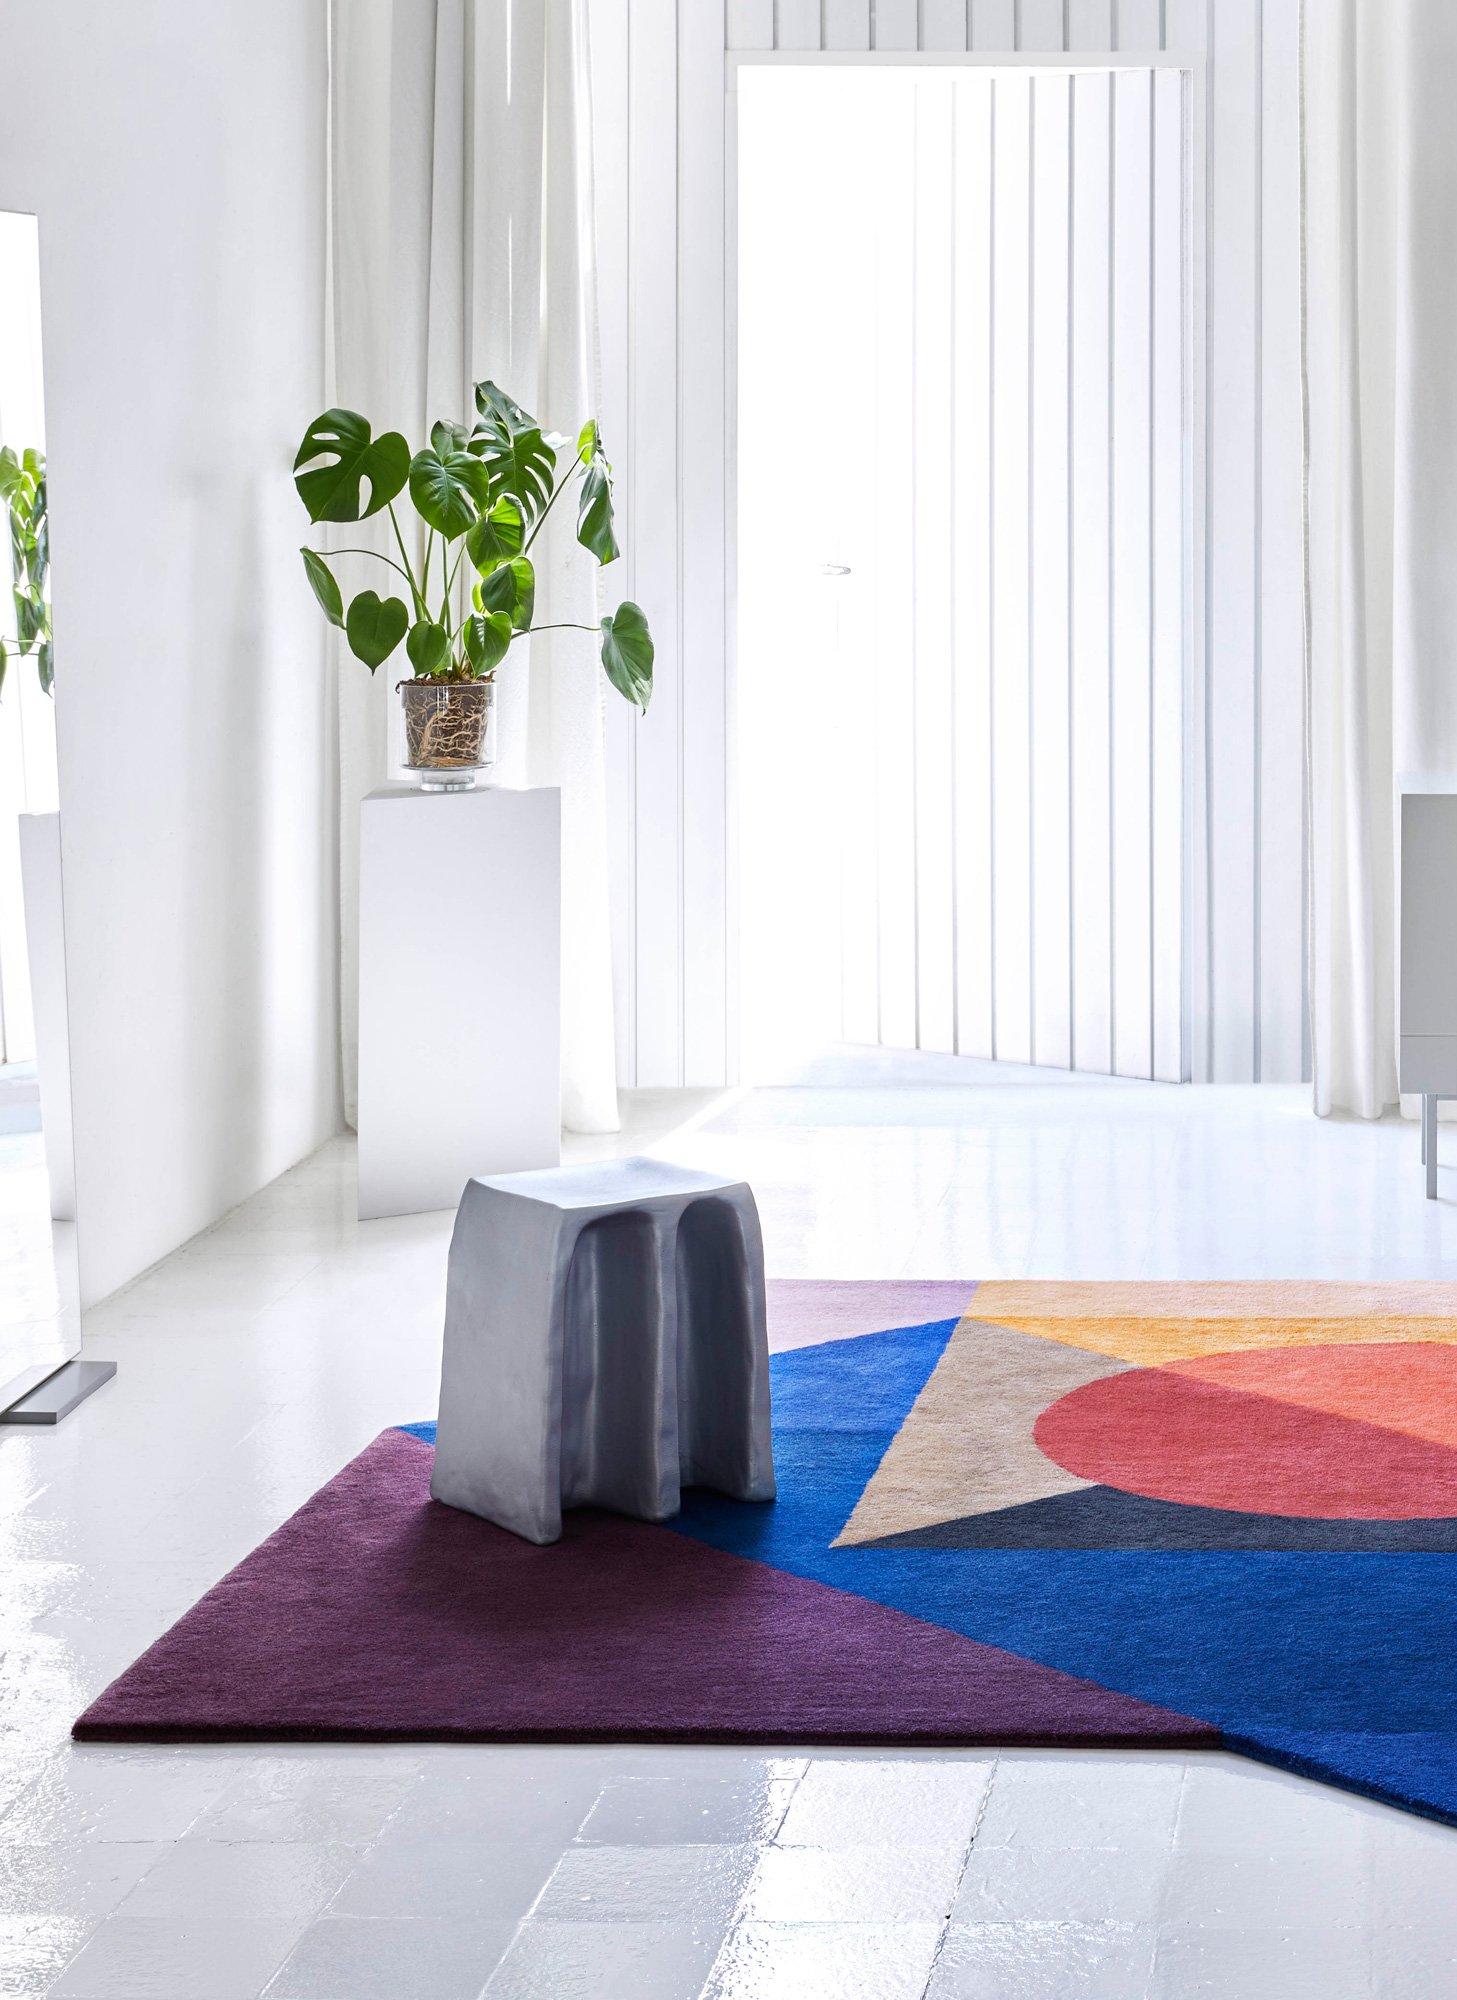 Vom Bauhaus inspirierte Teppichkollektion von Daria Zinovatnaya für GAN